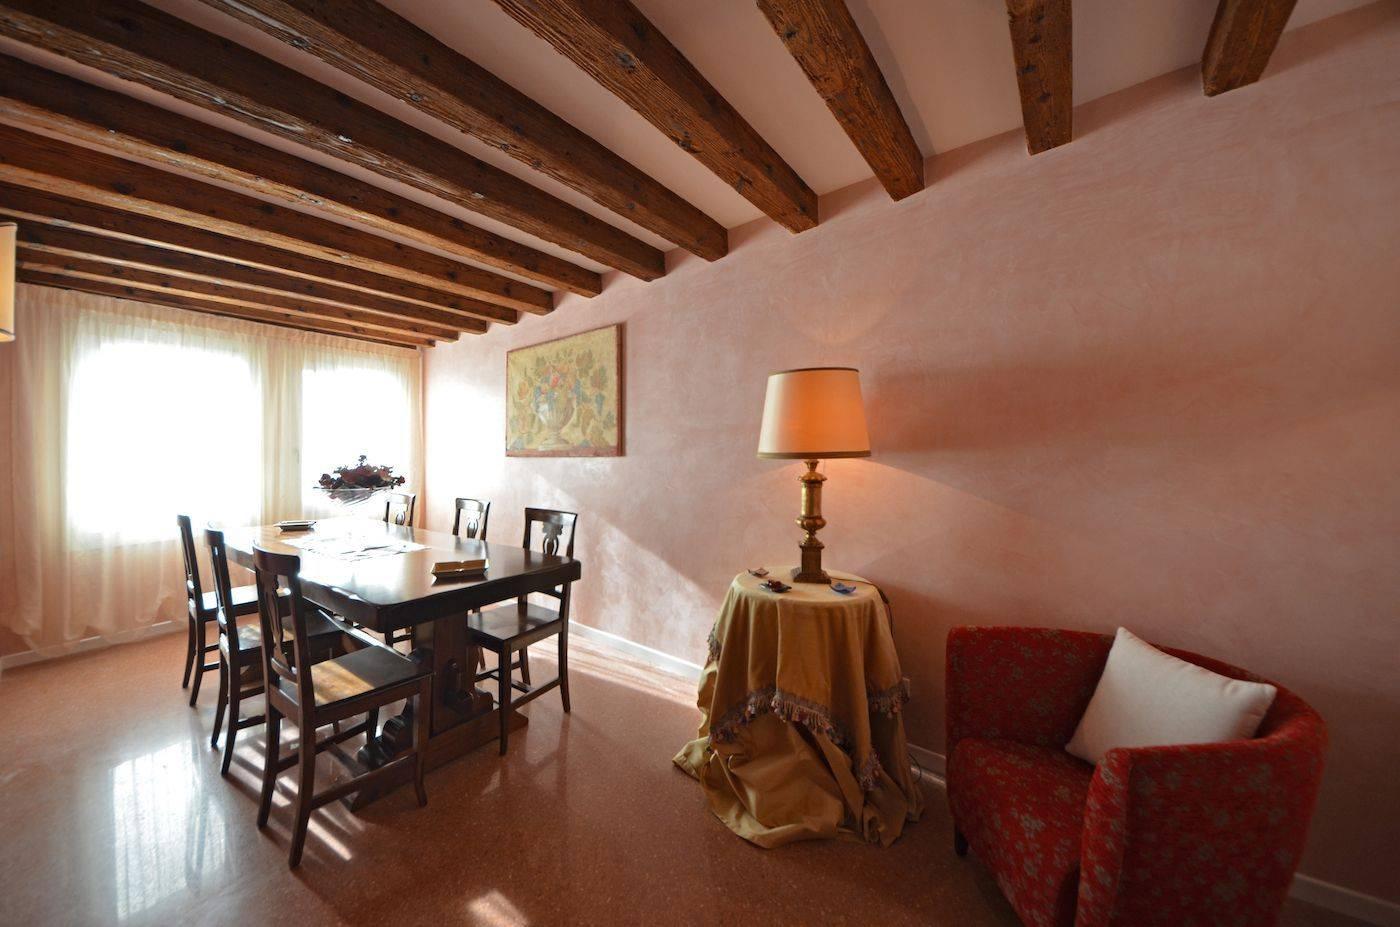 Palladio dining room